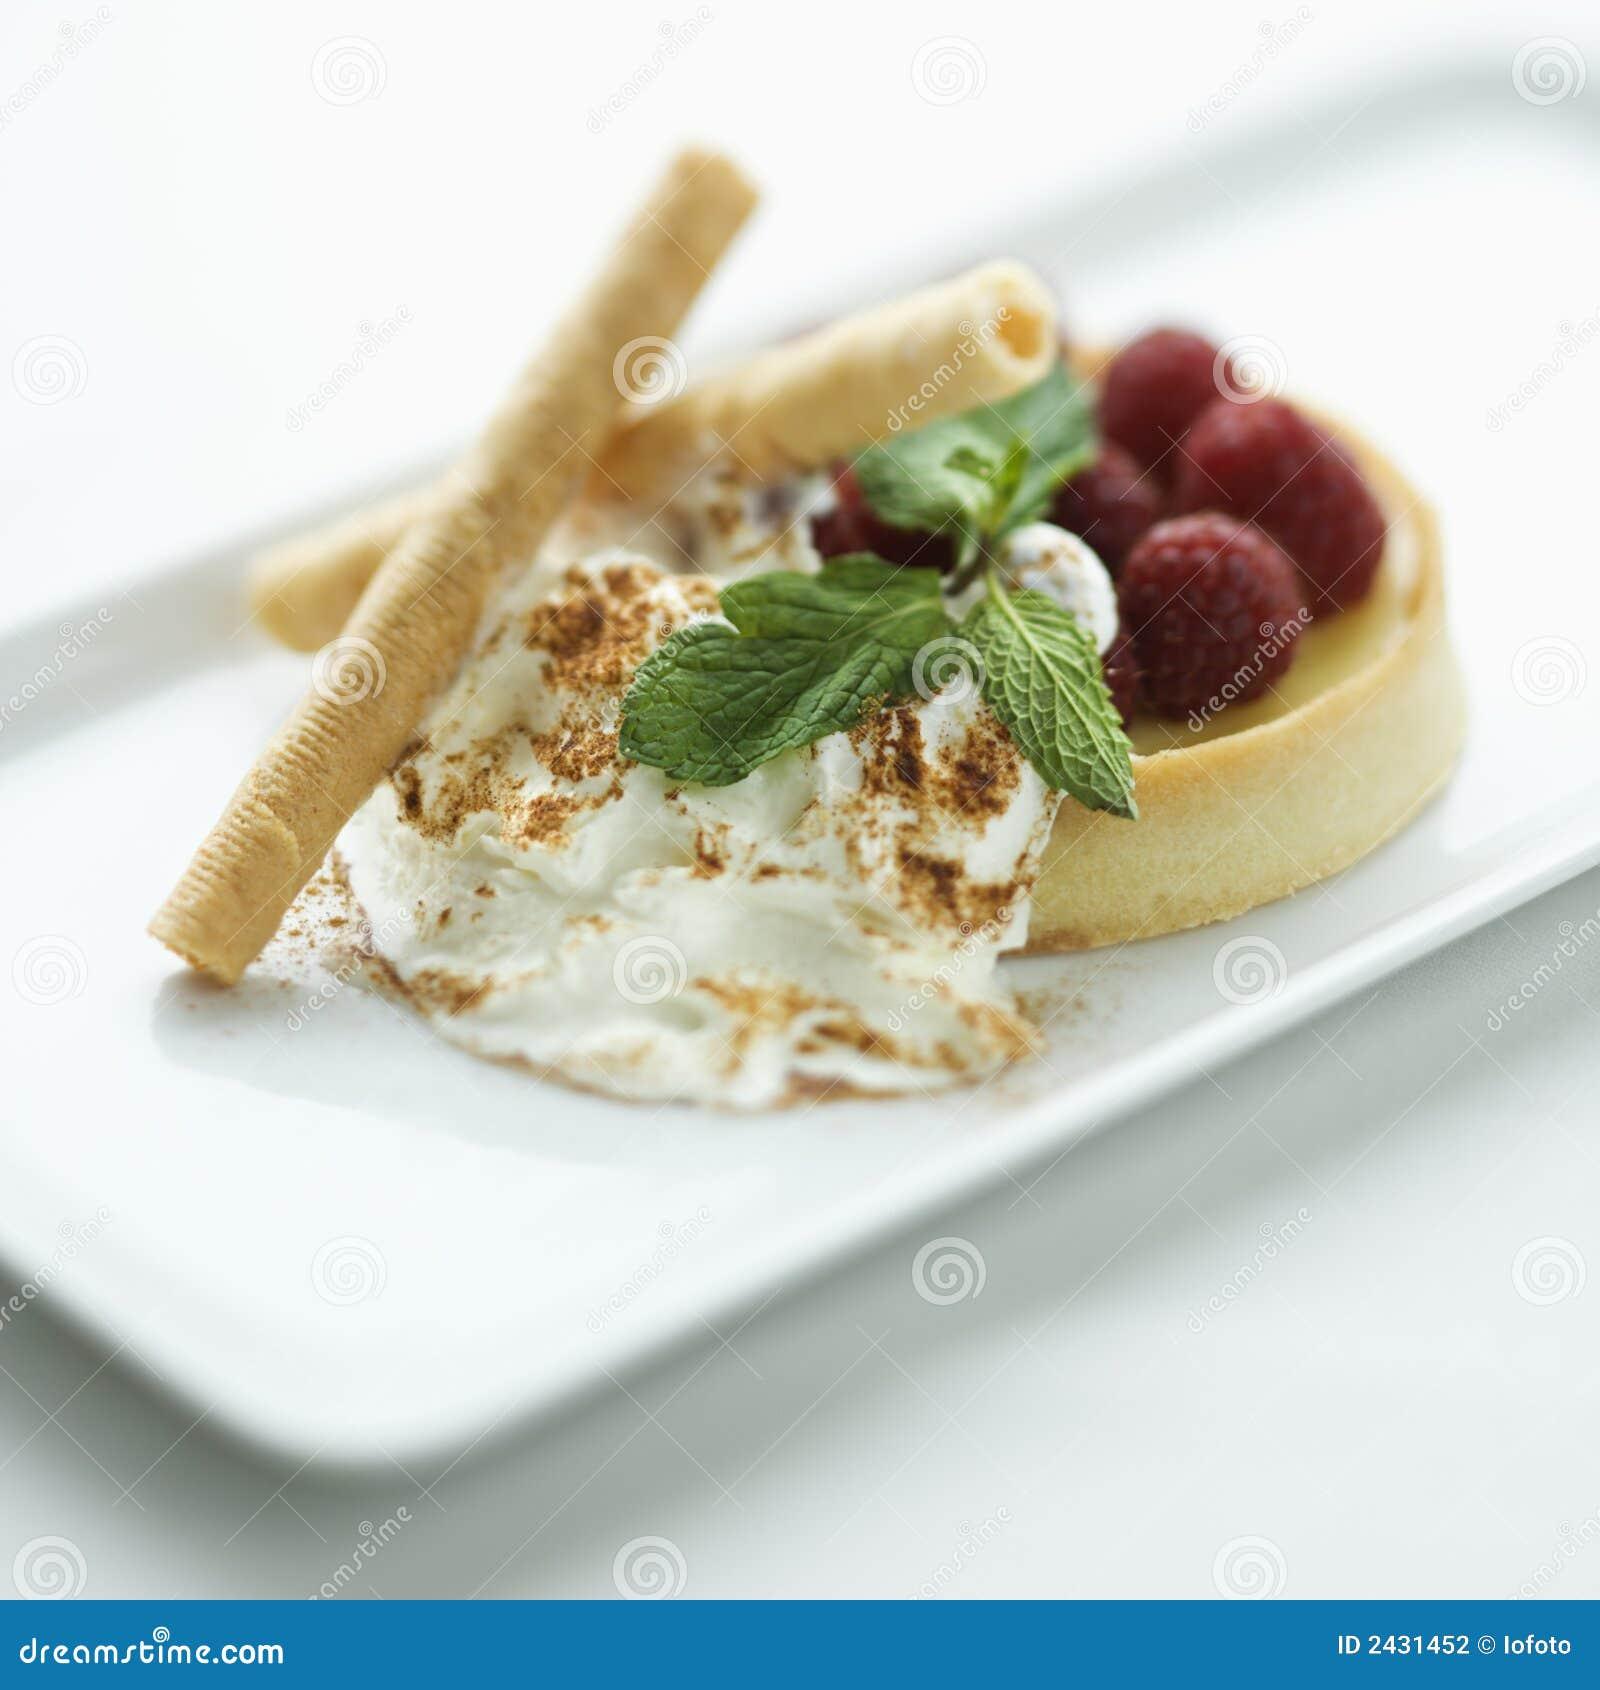 Gourmet dessert.